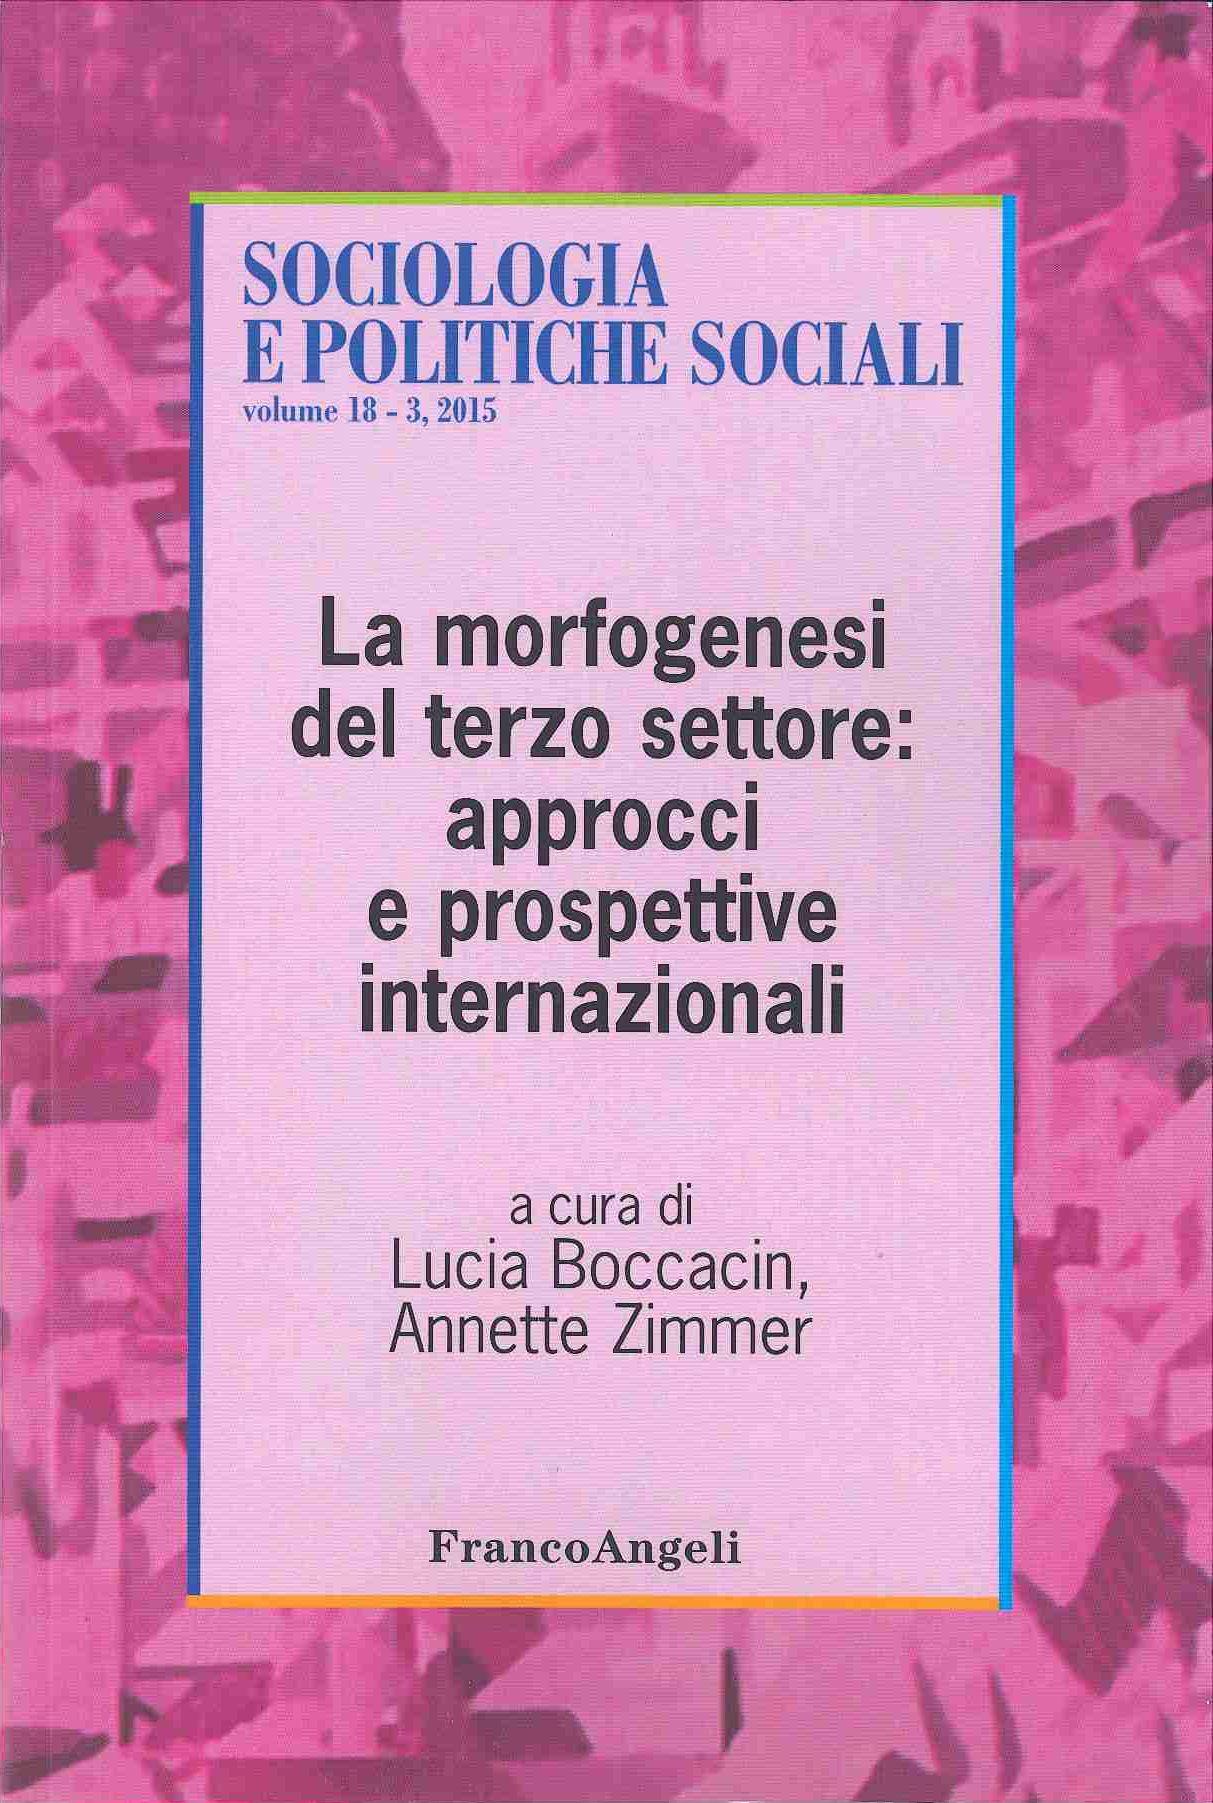 225sociologia_e_politiche_sociali_3_2015